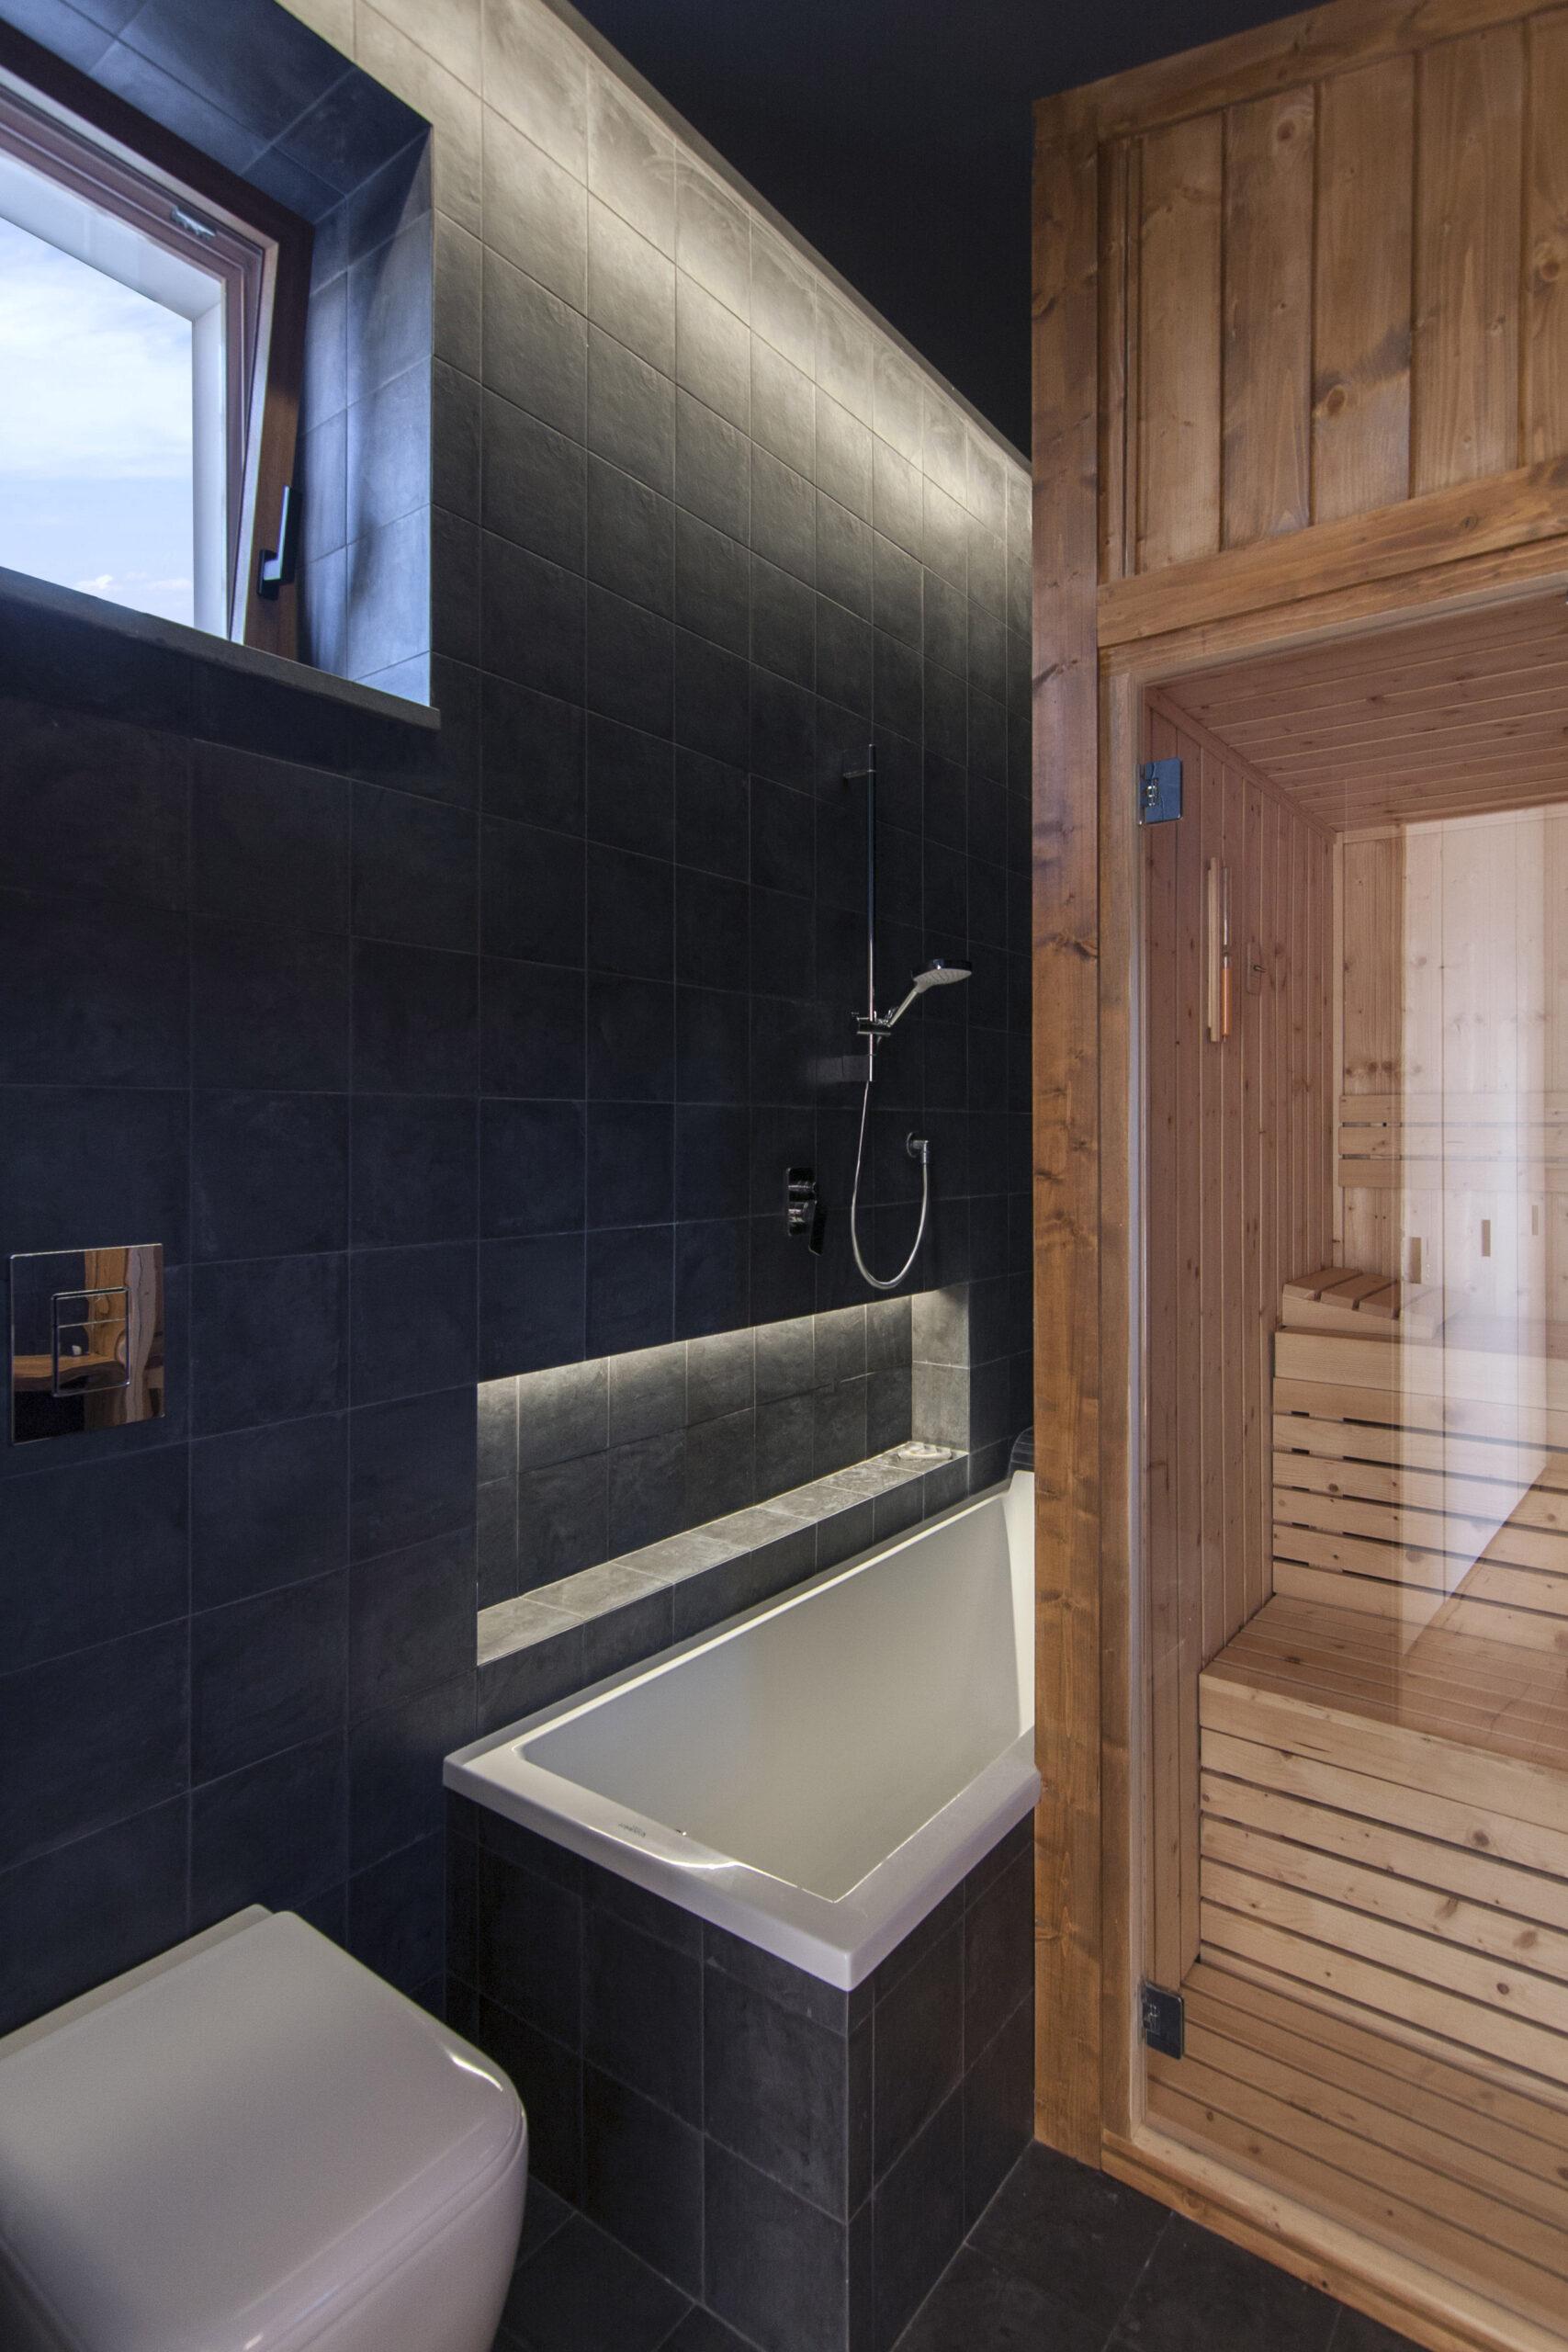 casa-tao-napoli-tufo-a-vista-recupero-moderno-pucciarelli-architetti-bagno-turco-sauna-2